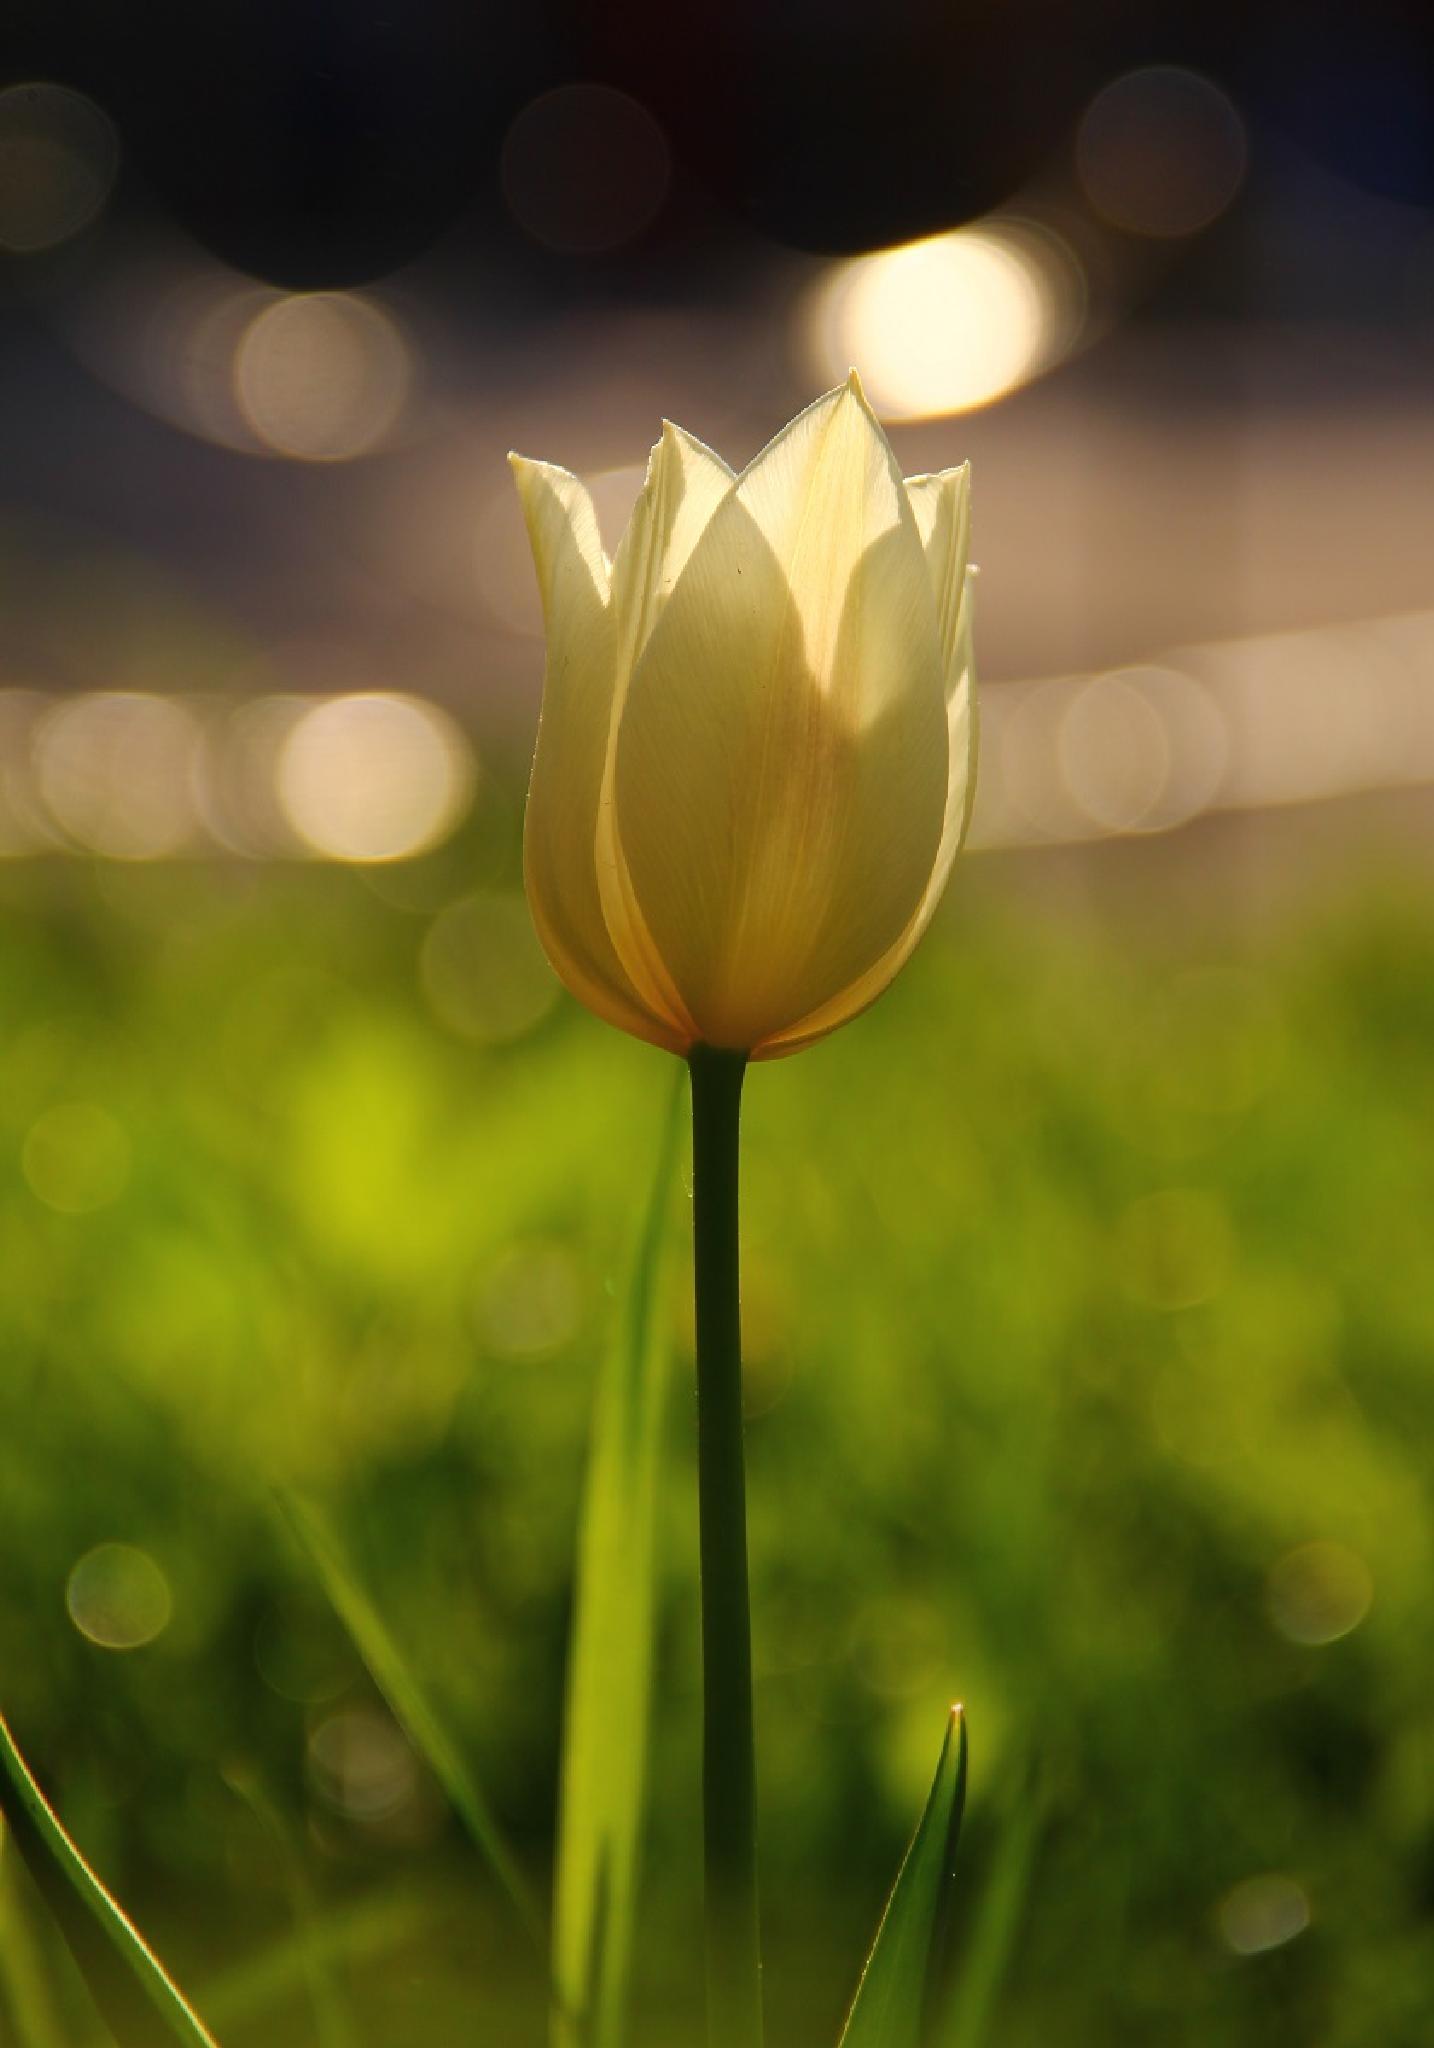 Cosmic Tulip by Alina Nilova